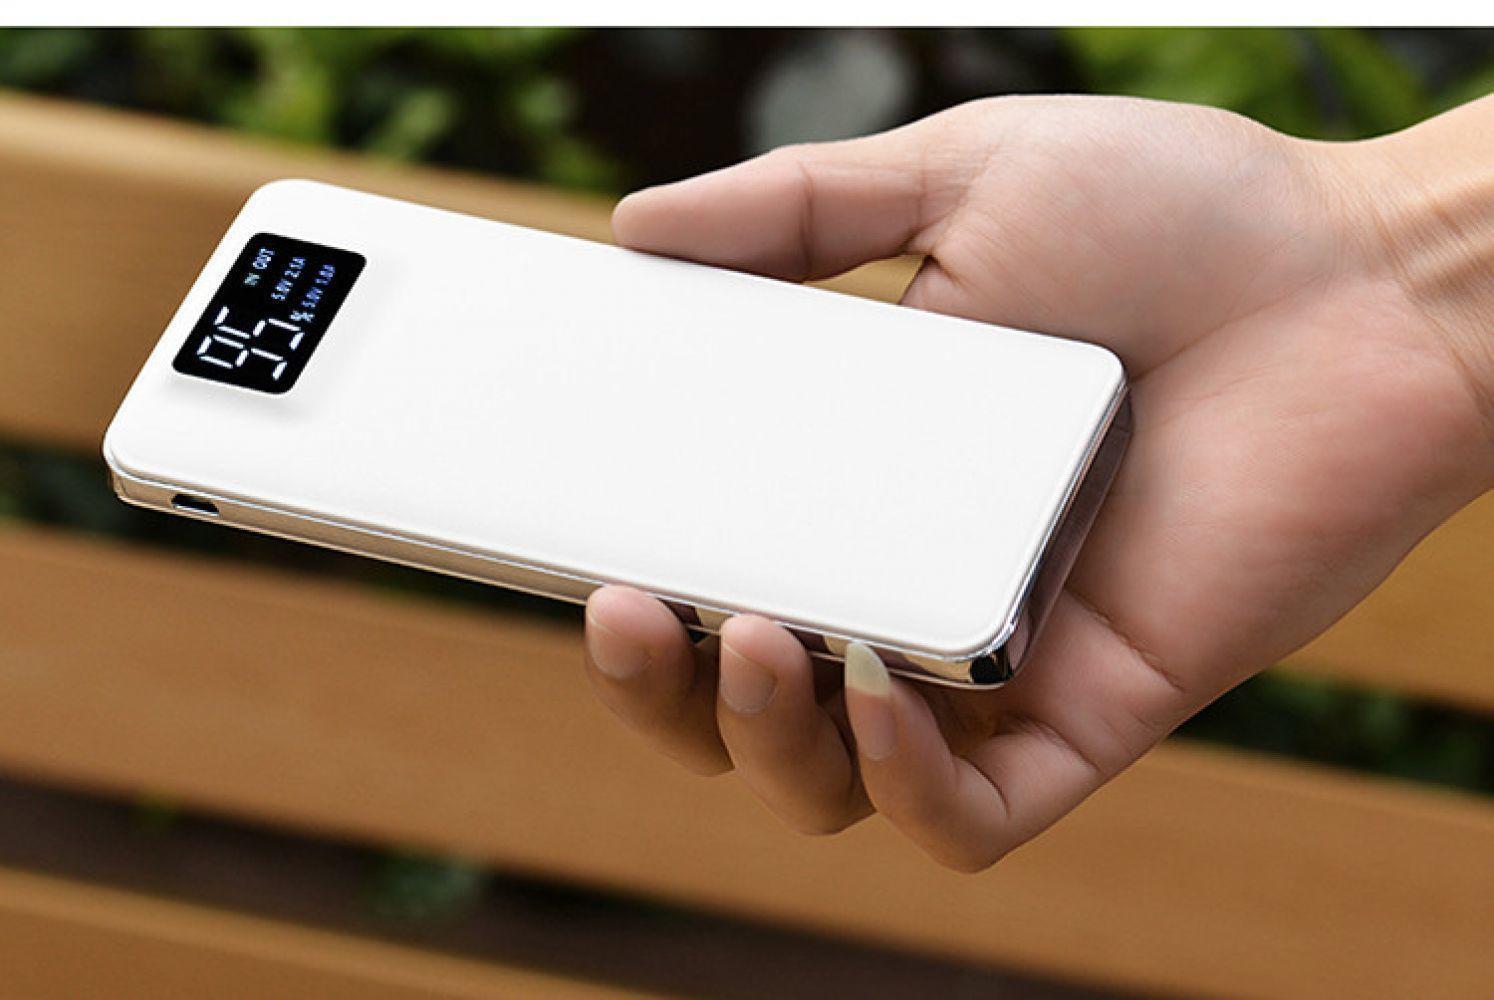 10000mah 전원 은행 LCD 화면 외부 배터리 팩 휴대용 전화 충전기 외부 전원 공급 장치